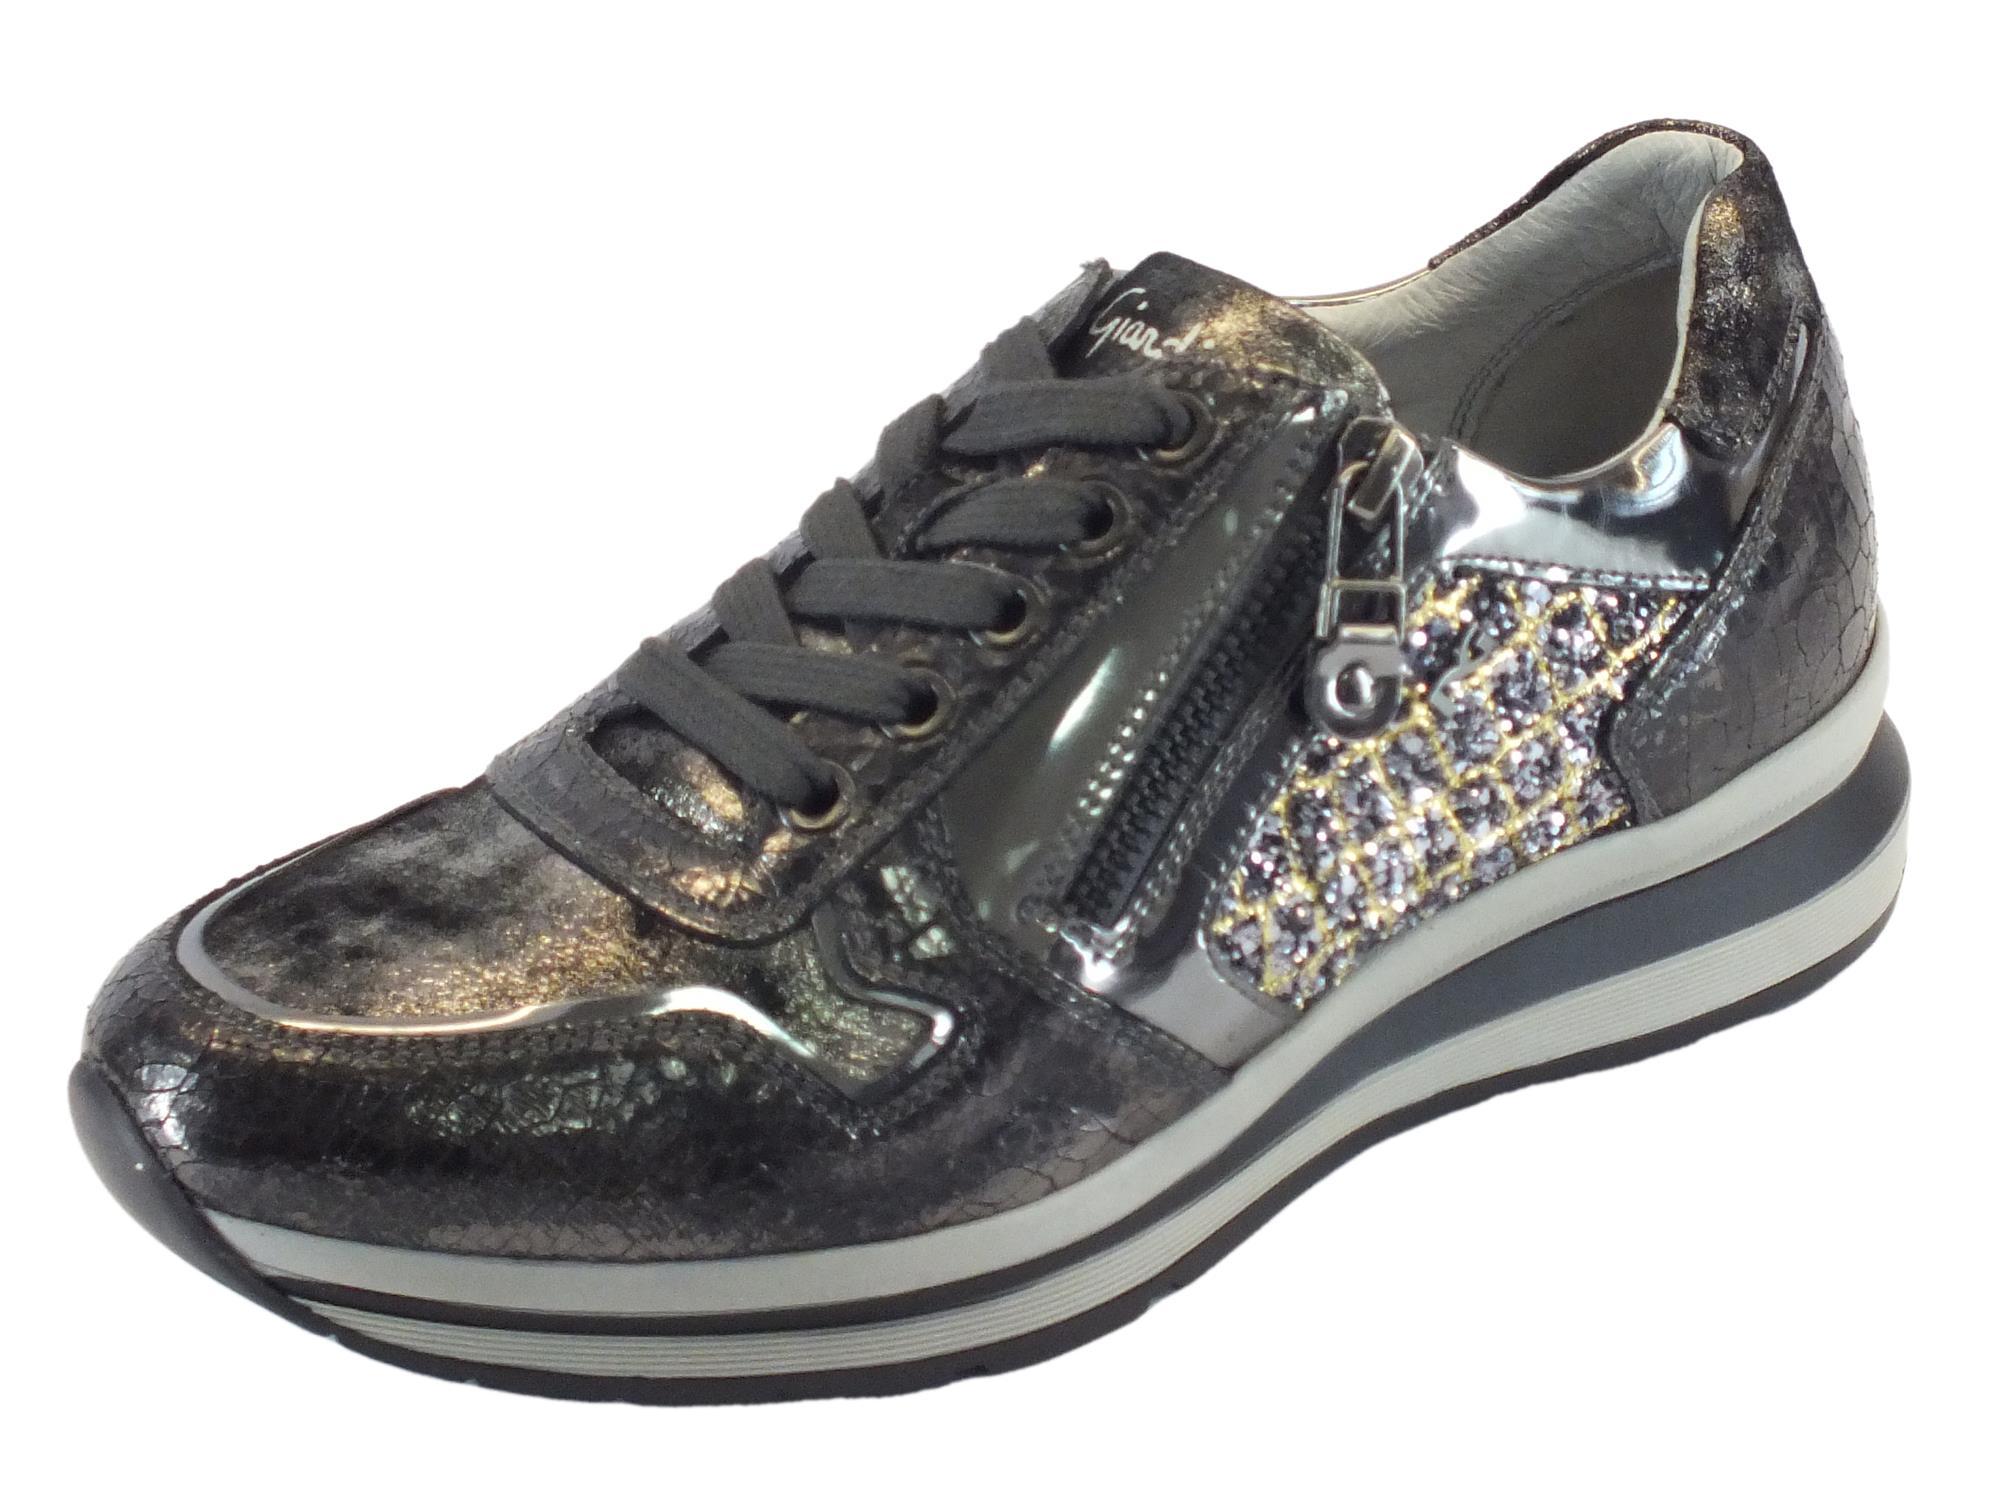 Sneakers NeroGiardini per donna in pelle lucida antracite glitter oro grigio